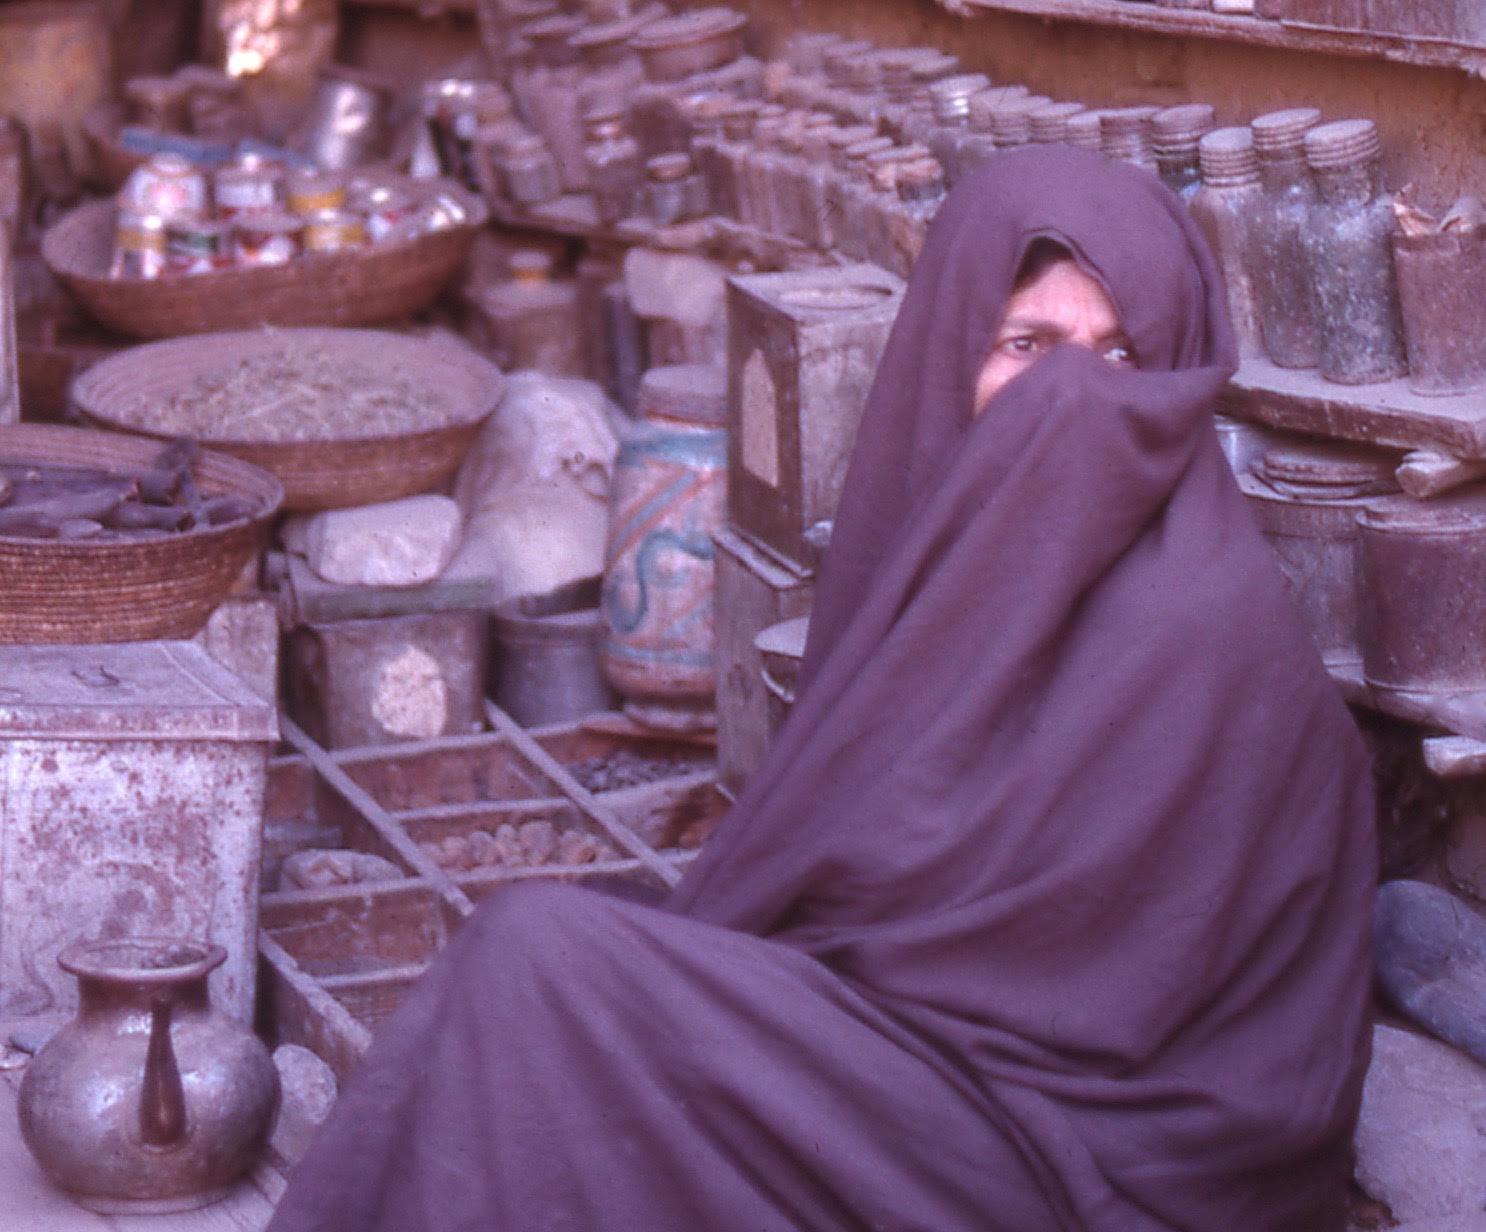 Afghan woman, Kandahar, 1960s. Taken by S M Chen.